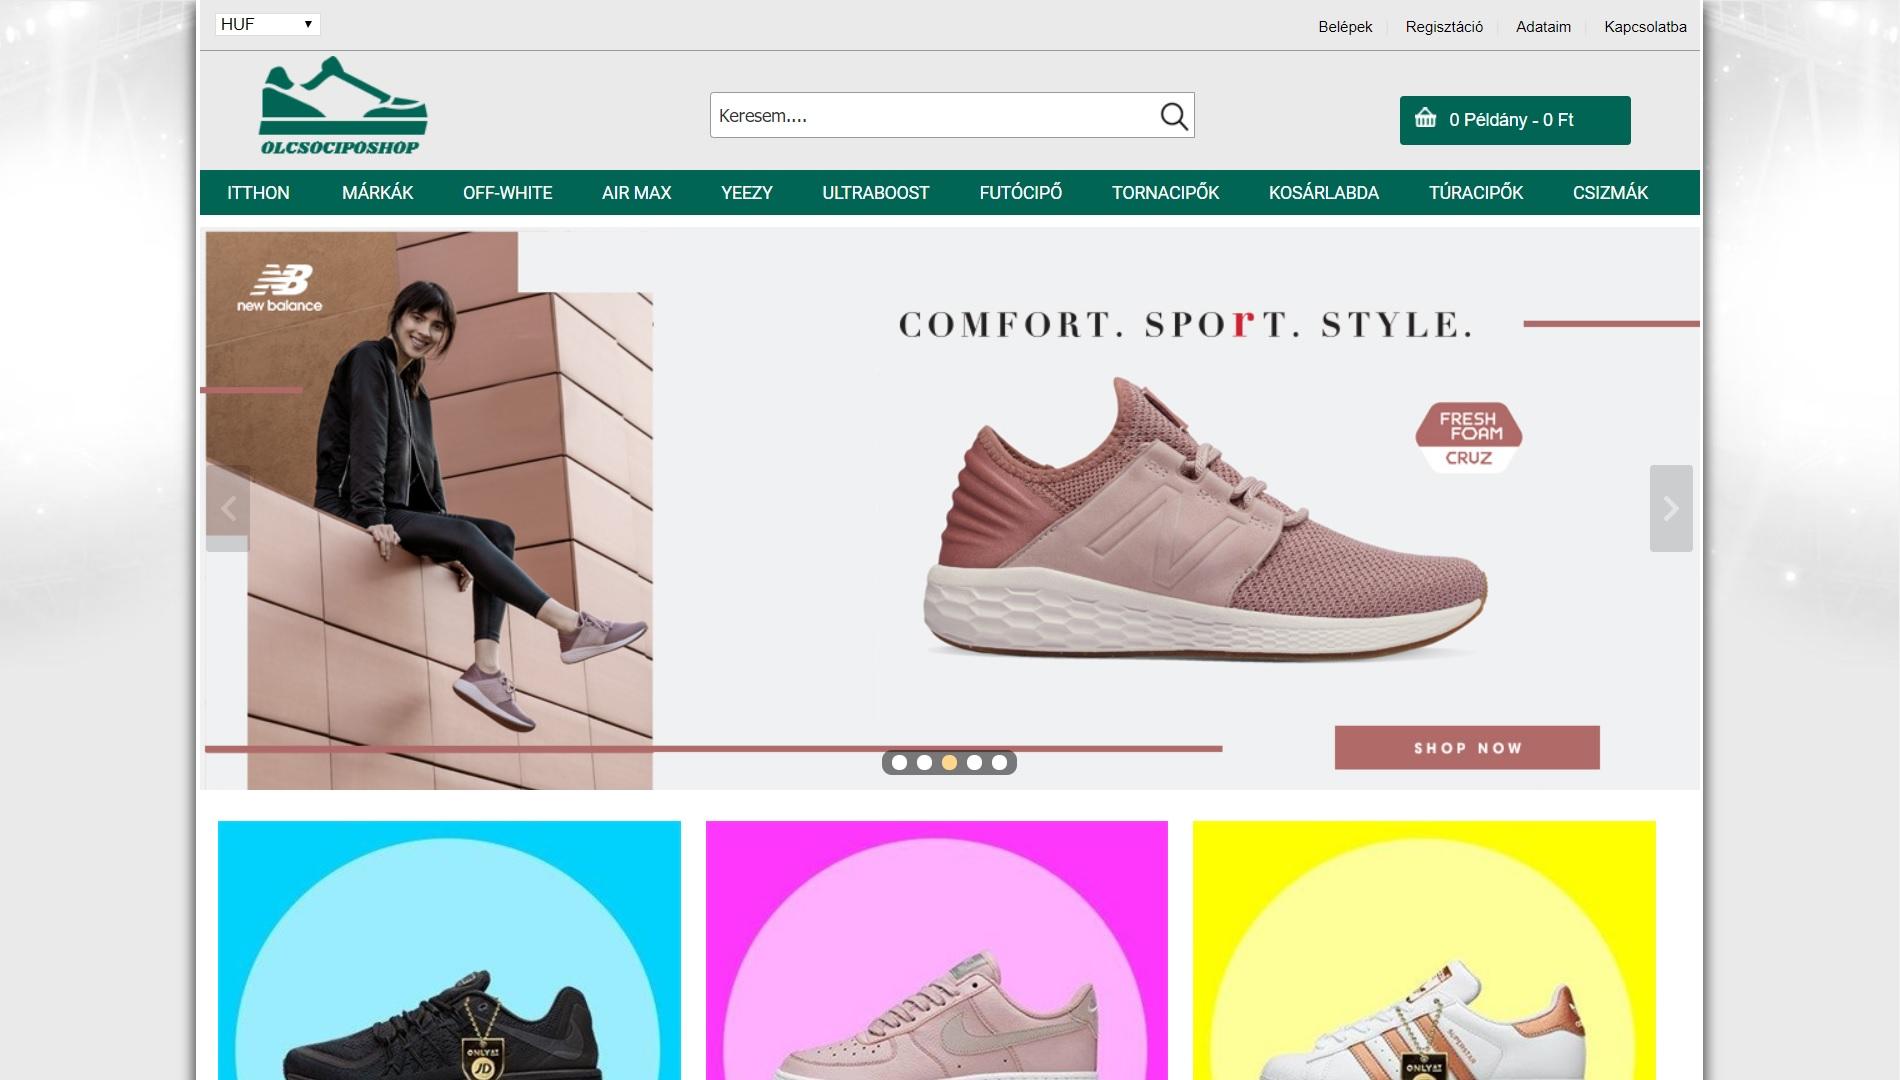 olcsociposhop.com - vélemény, tapasztalat: eredeti vagy hamis cipő? Kamushop?